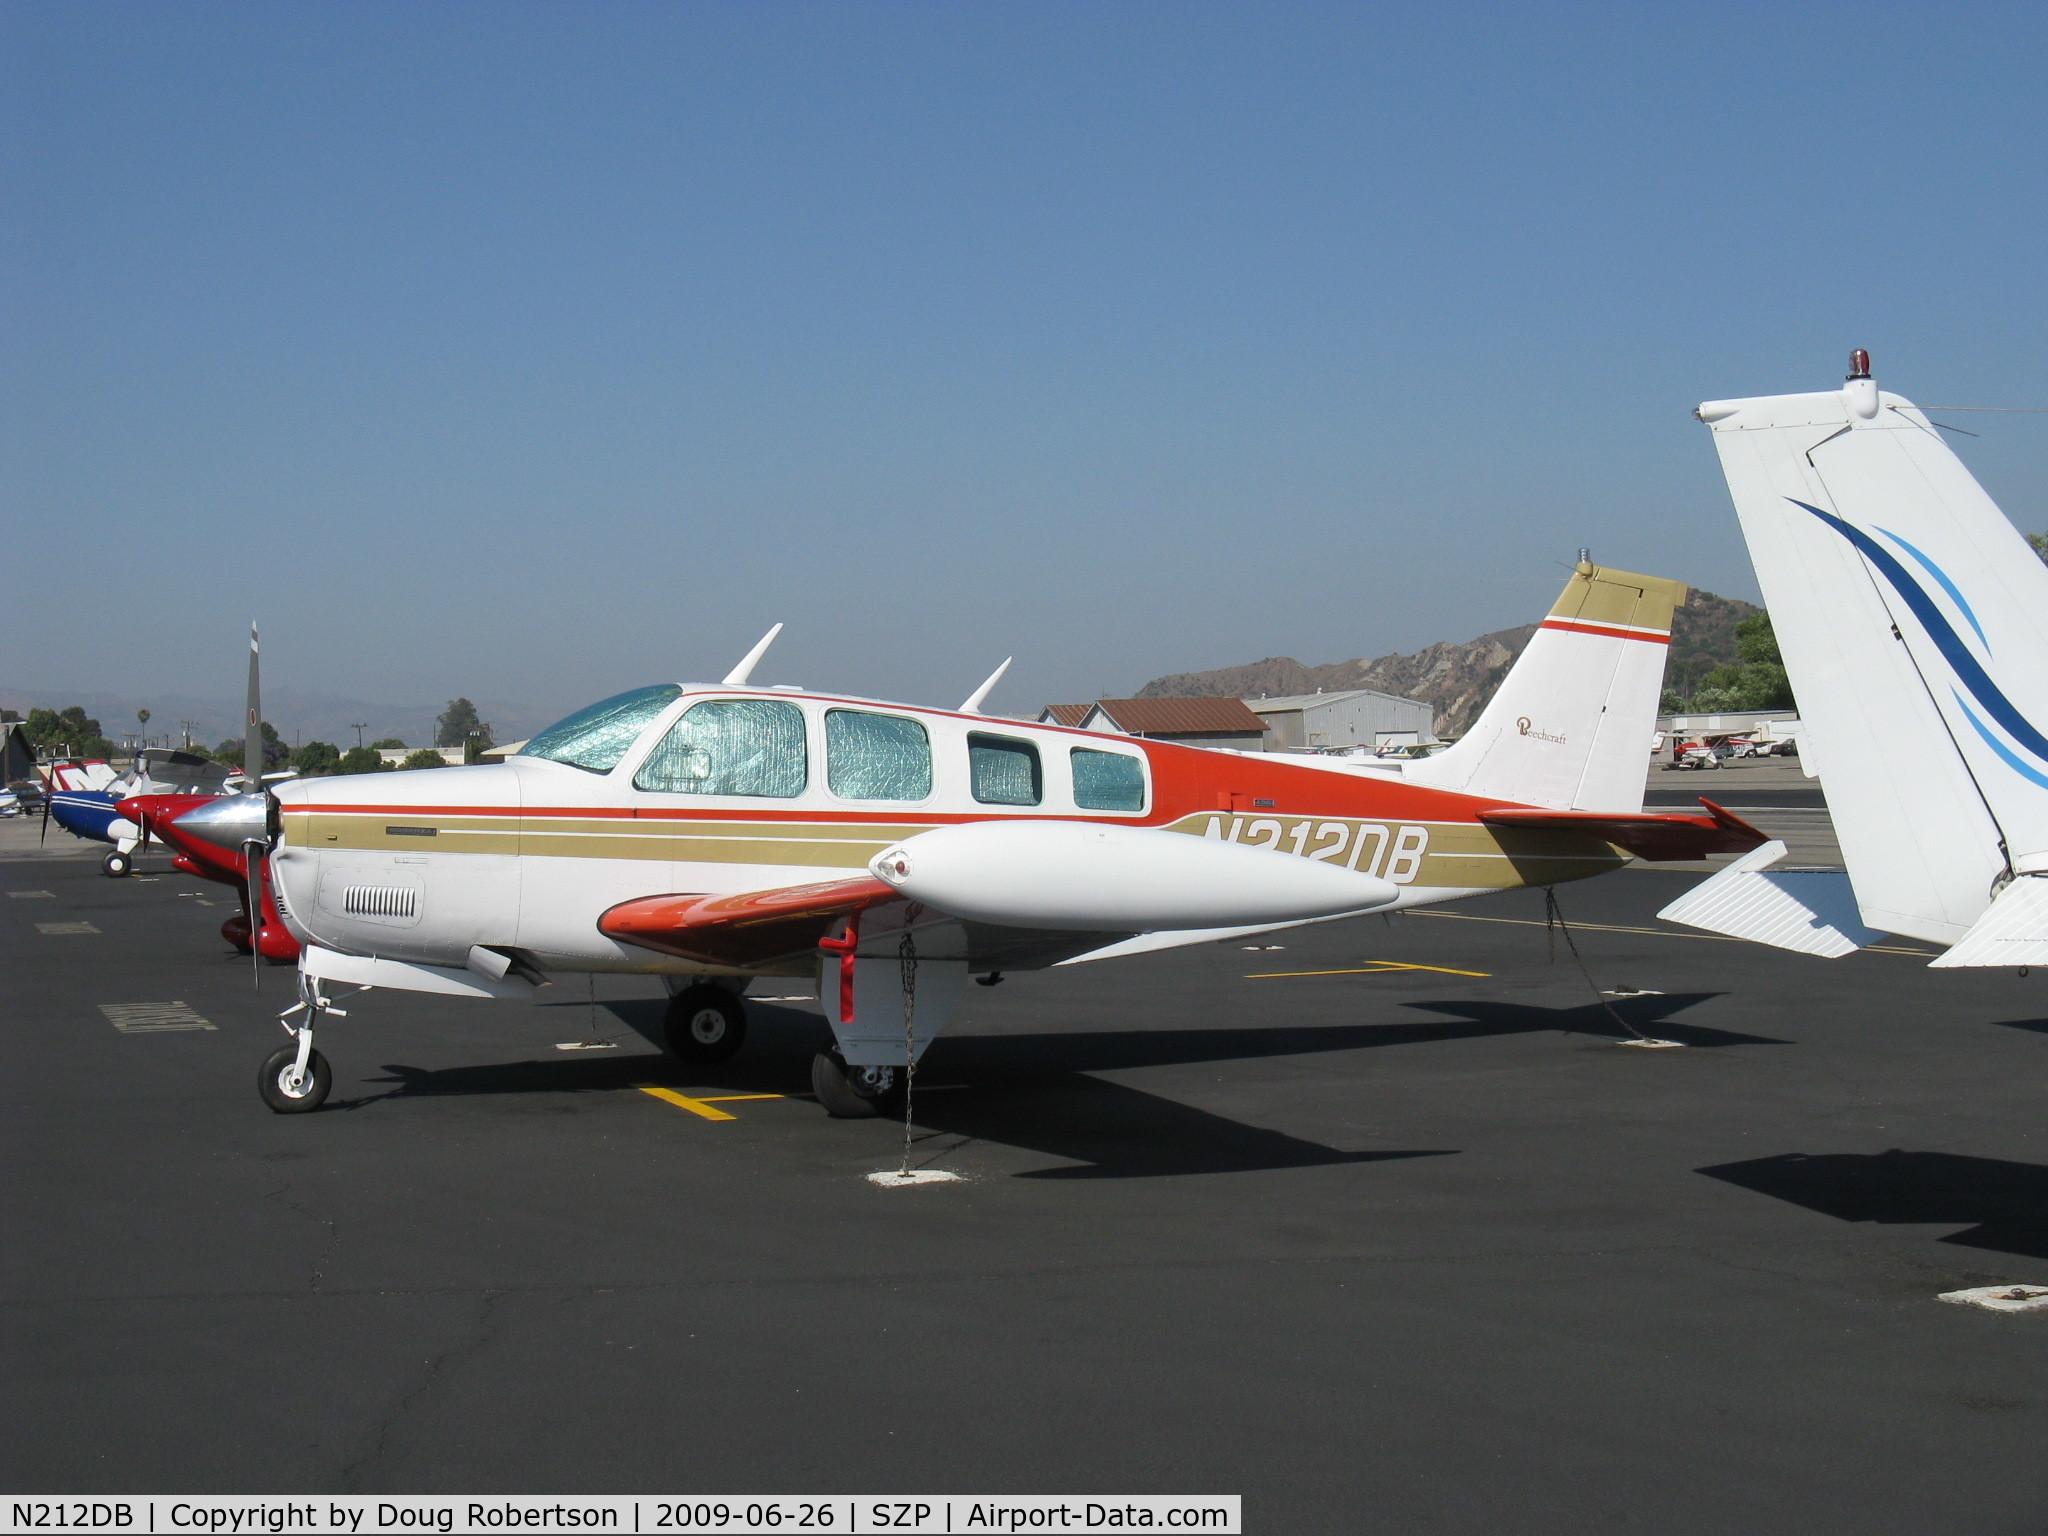 N212DB, 1973 Beech A36 Bonanza 36 C/N E-407, 1973 Beech A36 BONANZA, Continental IO-520-B 285 Hp